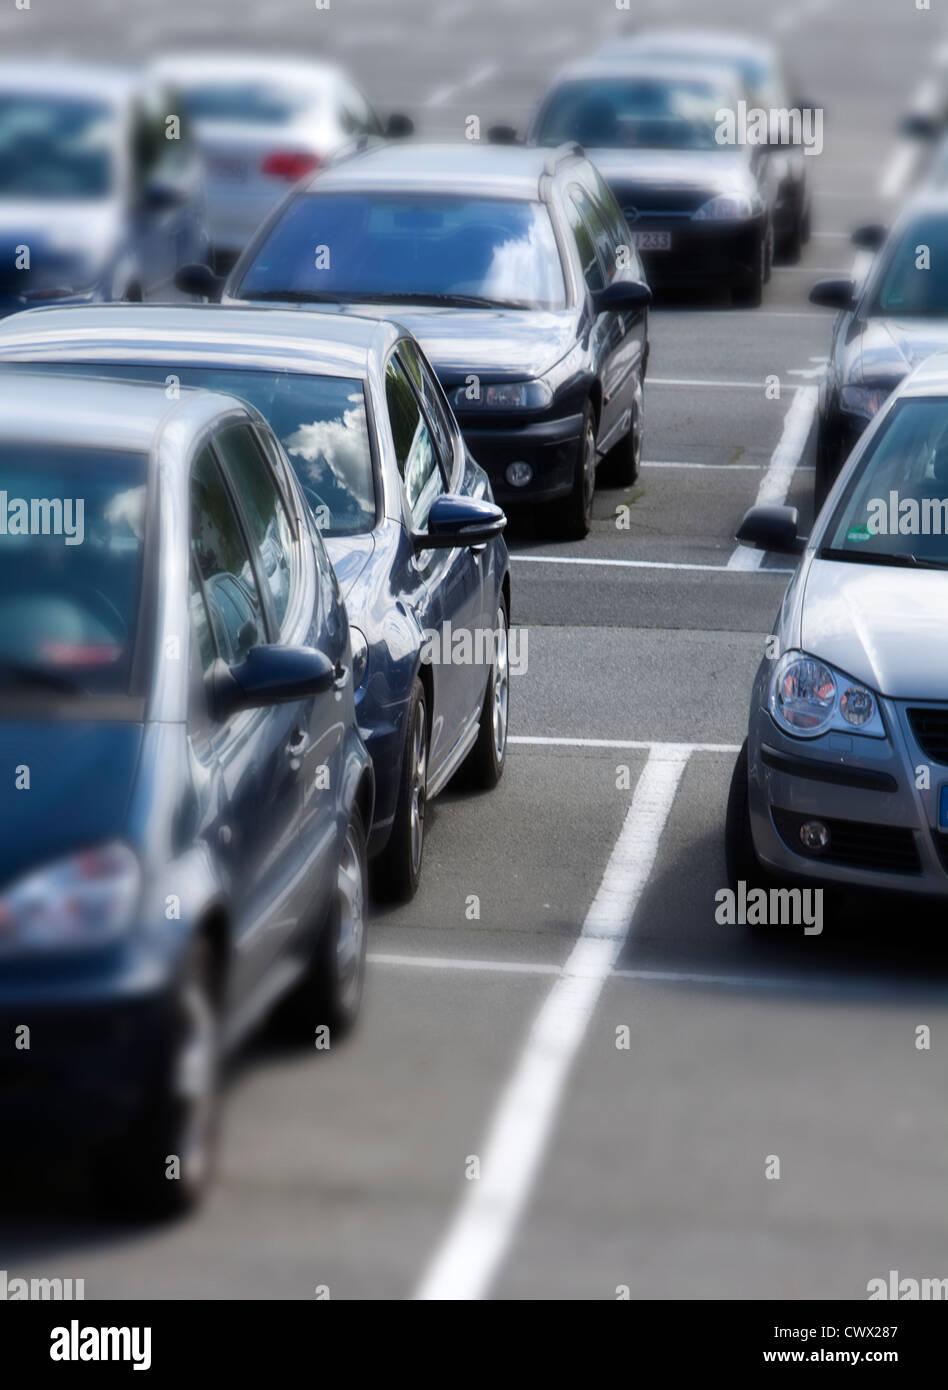 Occupata area di parcheggio, il concetto di immagine, spazi di parcheggio in Germania, Europa Immagini Stock